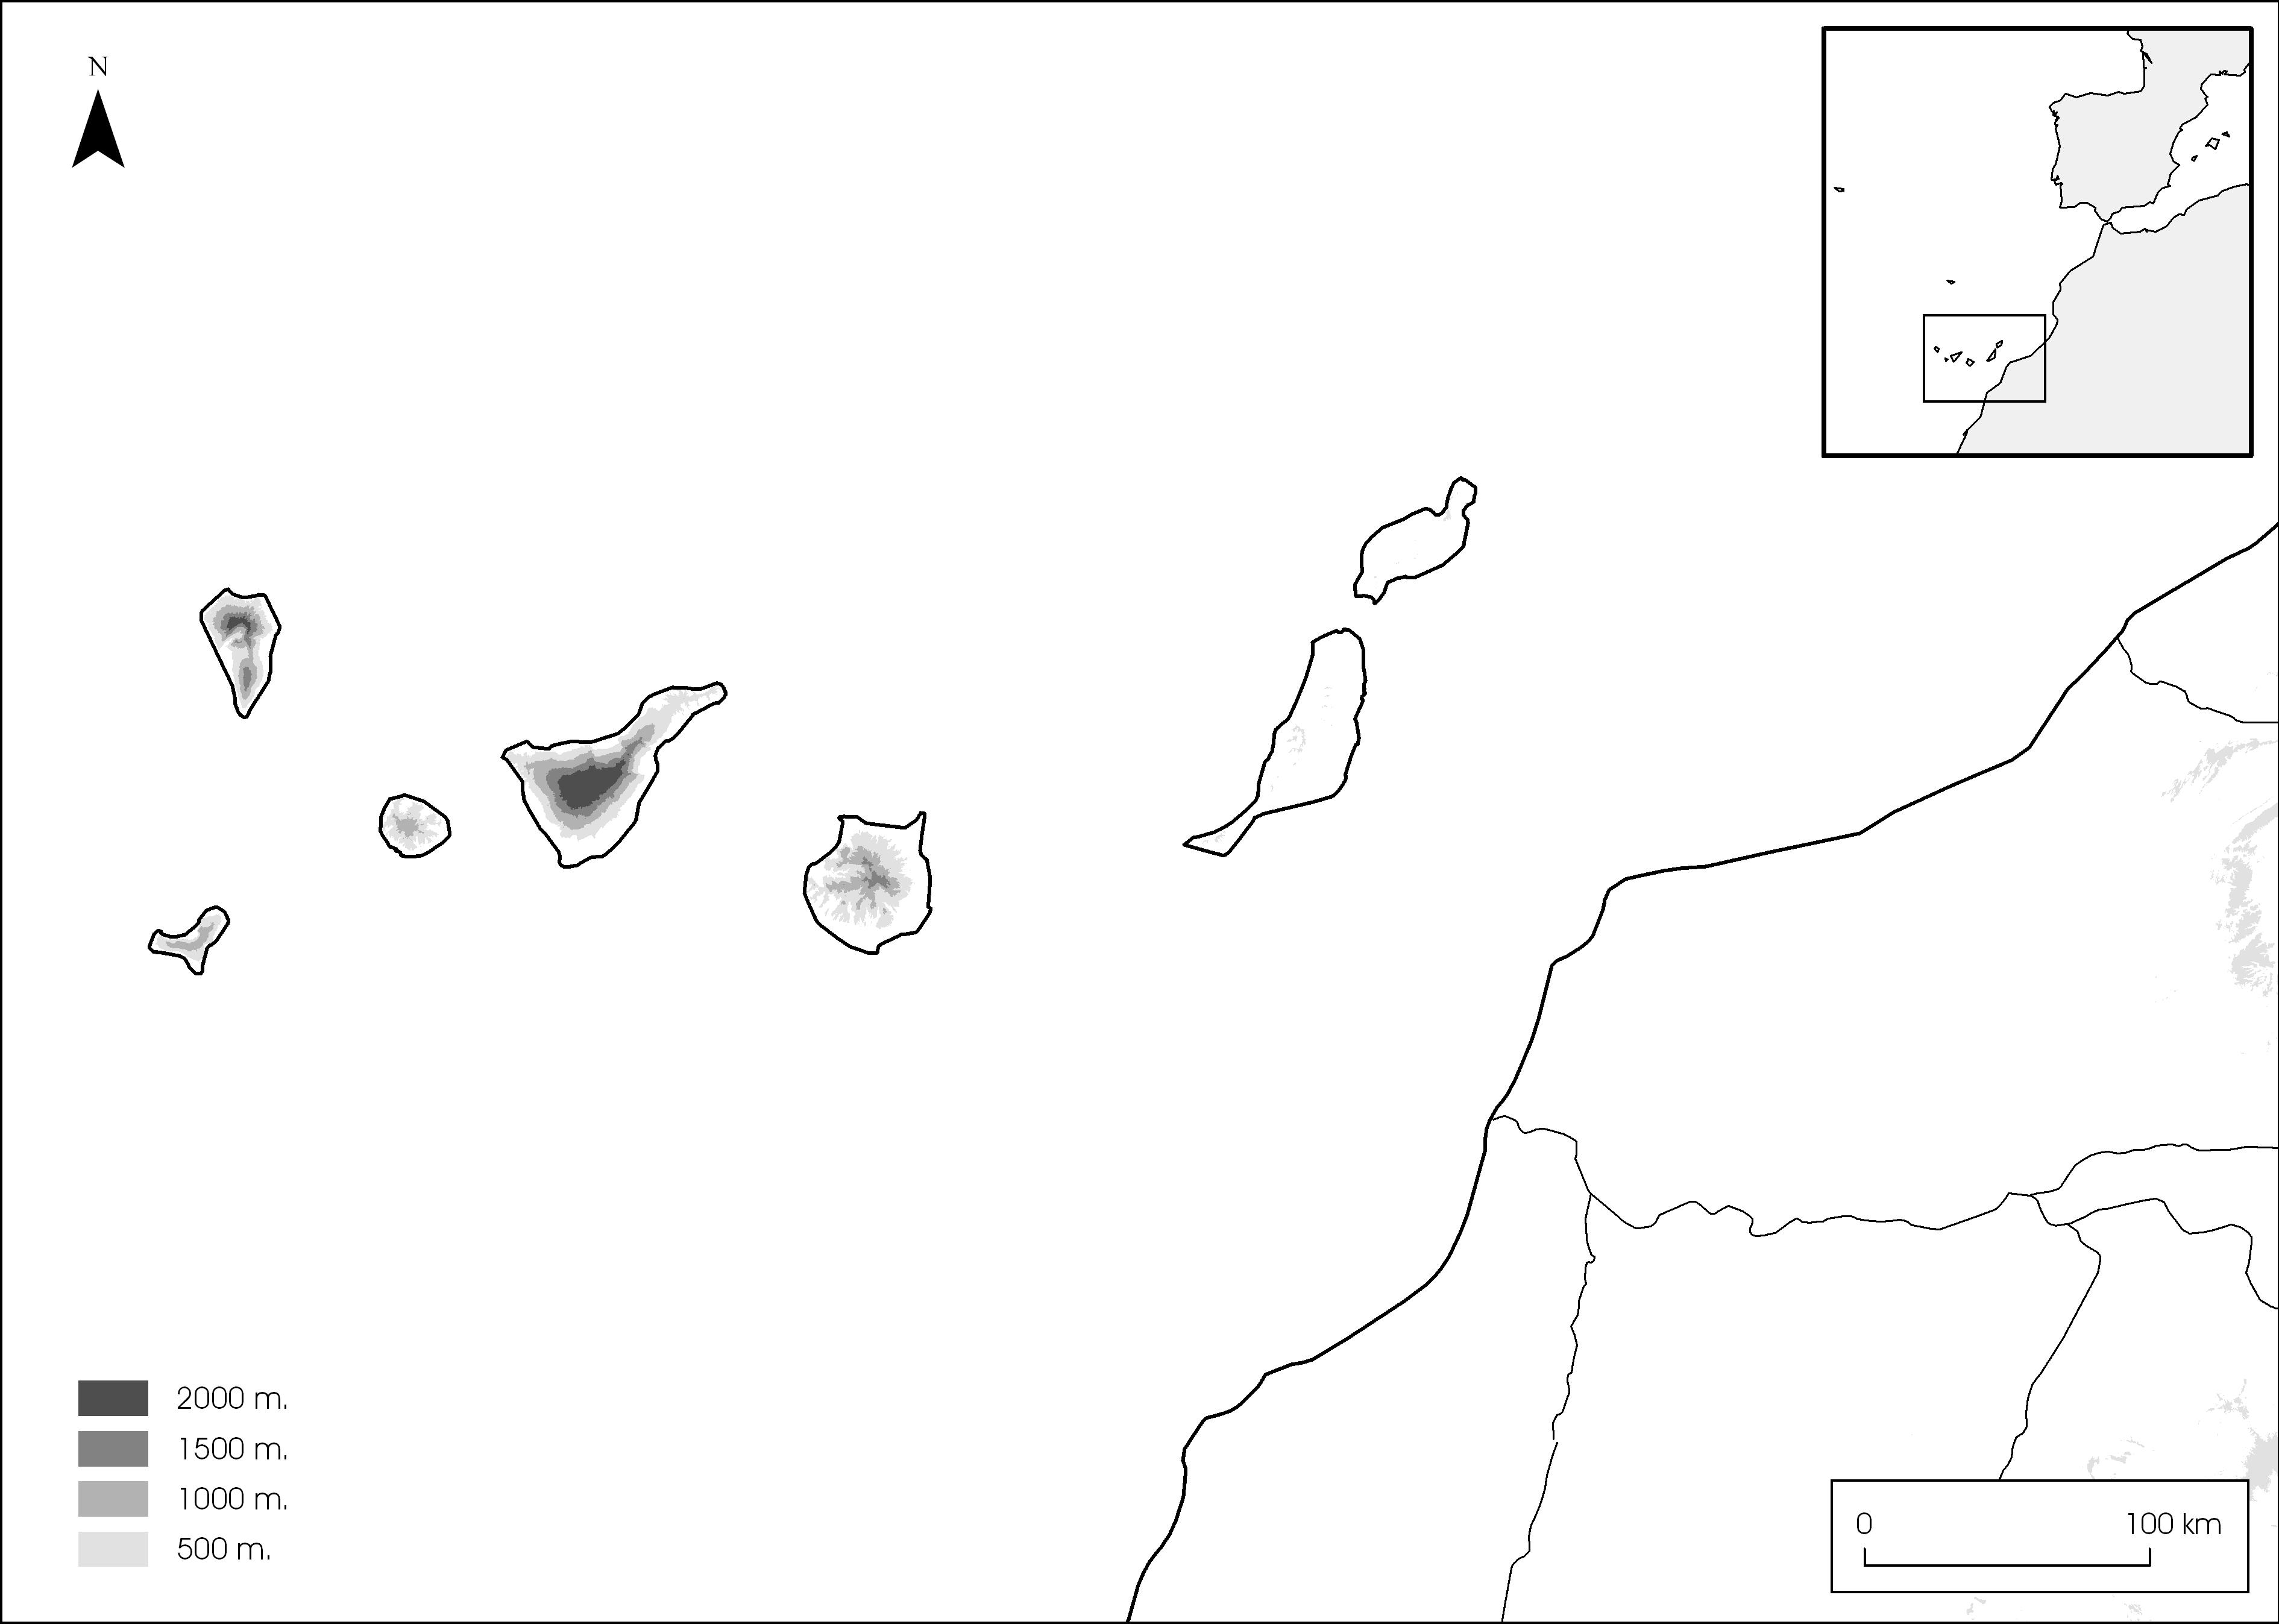 Tamaño Islas Canarias Islas Canarias